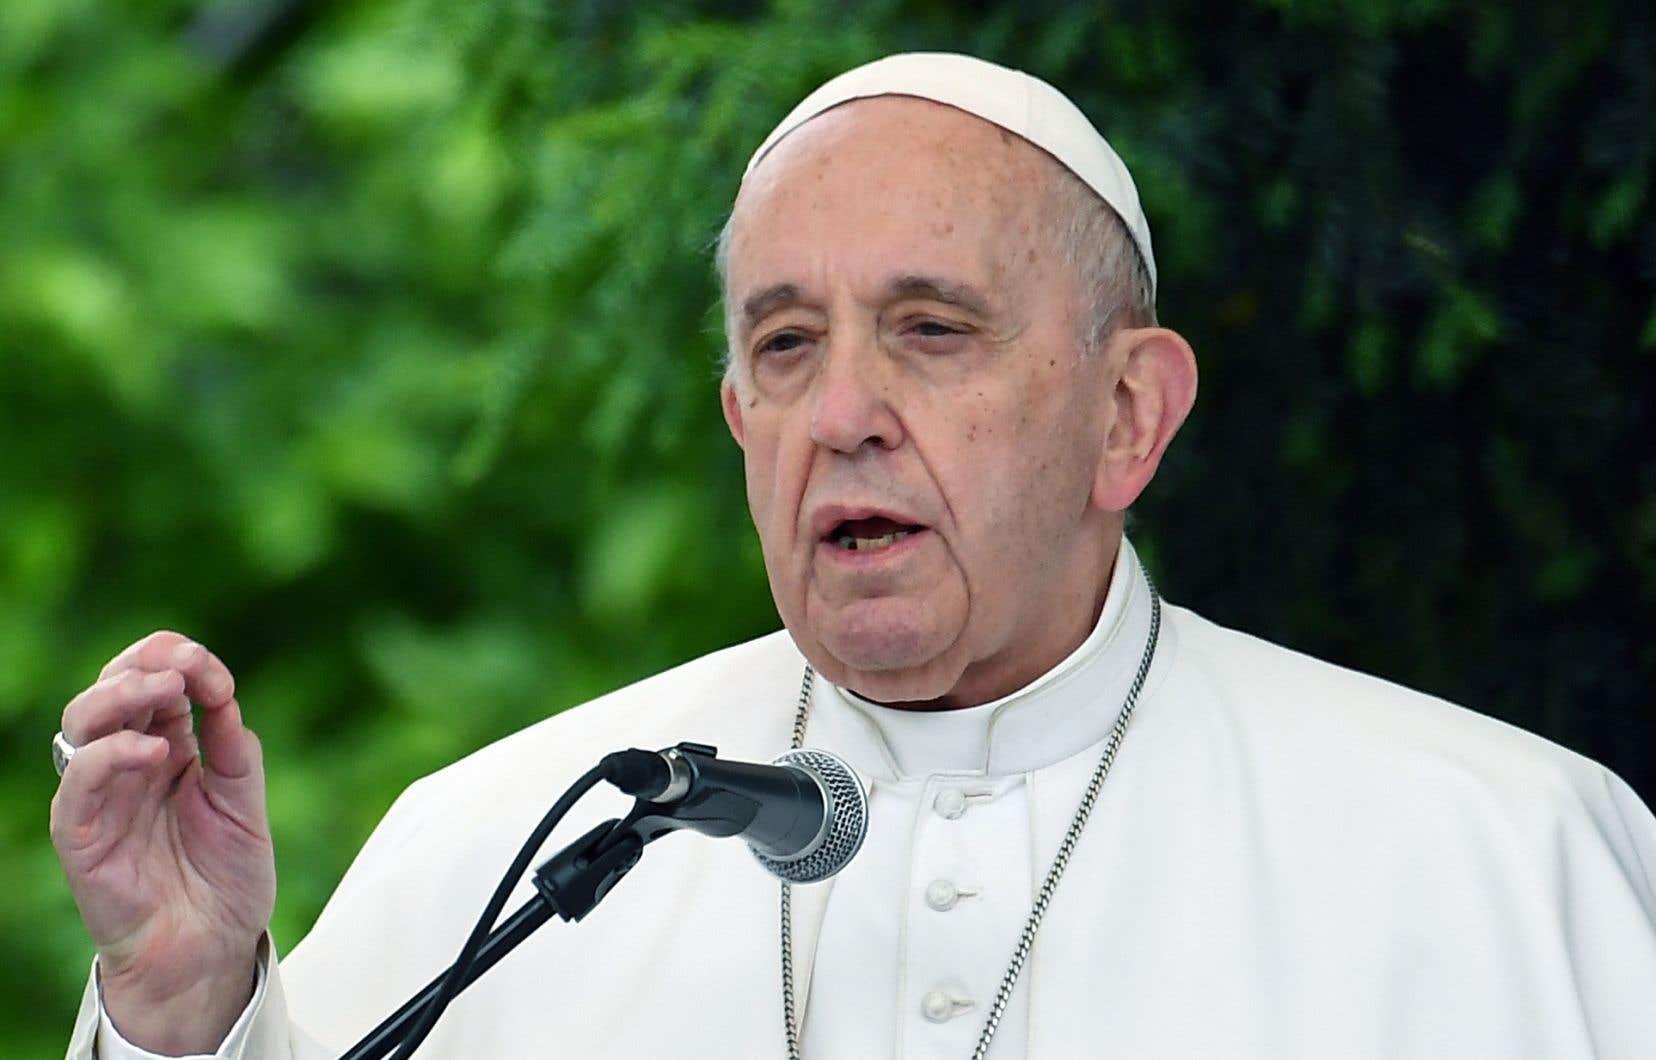 Le pape François a livré un discours lors d'une réunion œcuménique en Macédoine, le 7 mai dernier.